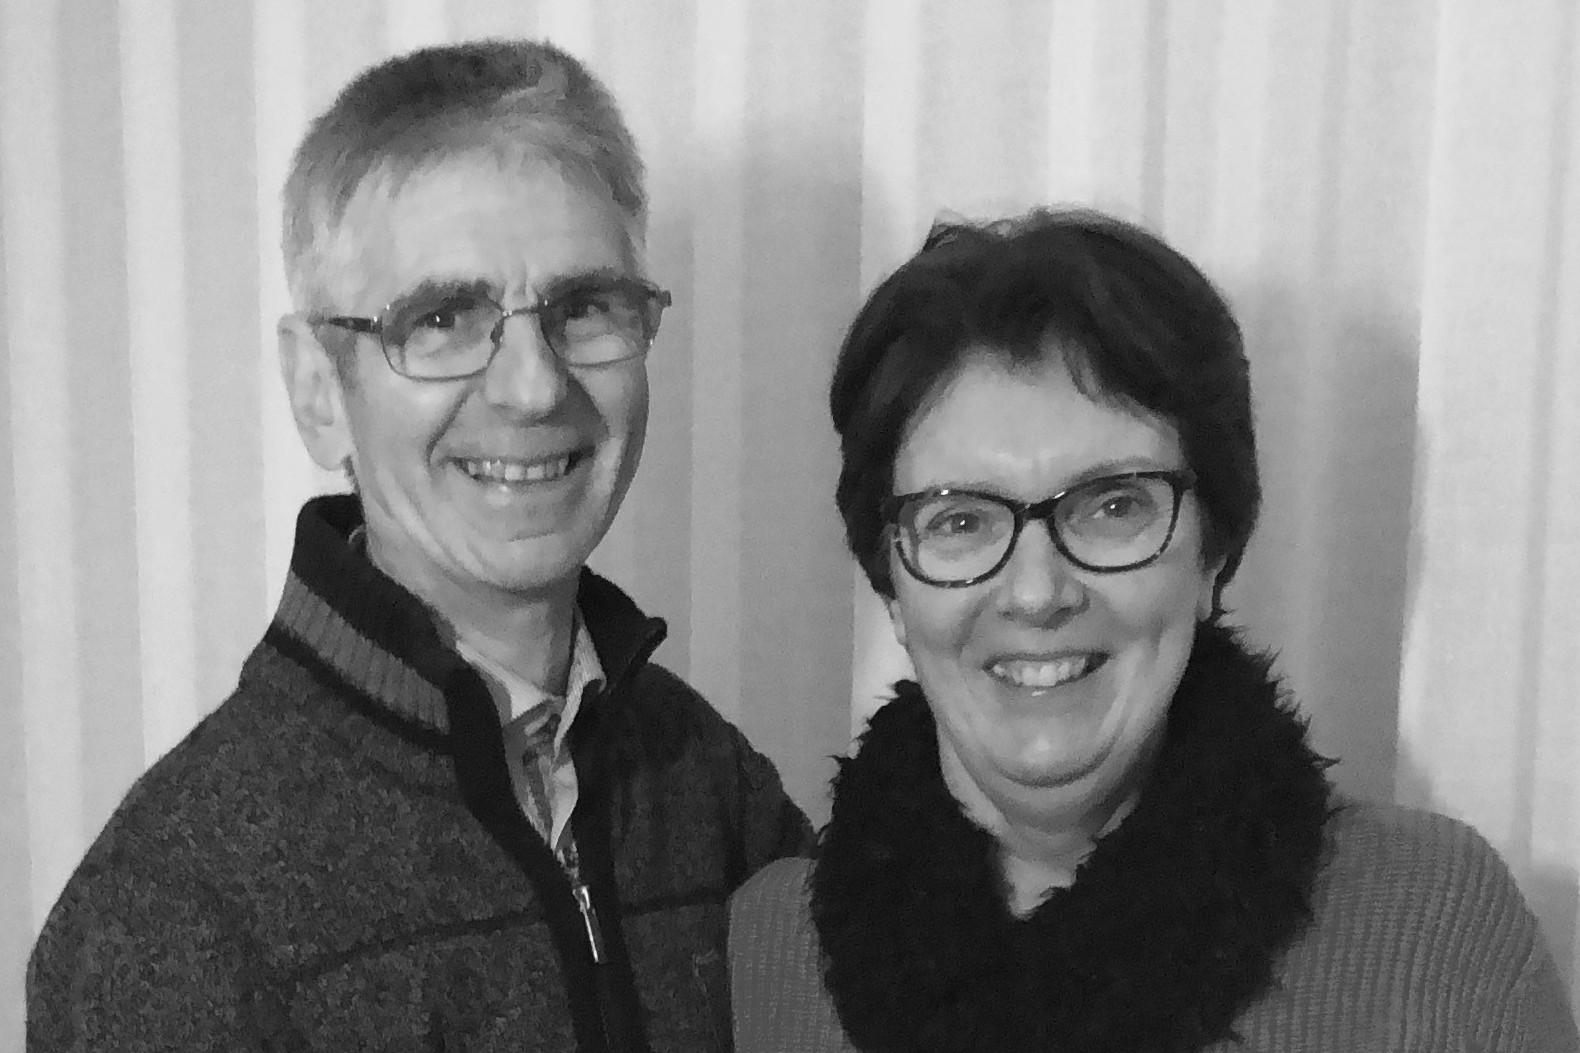 Verantwoordelijke oudste Daniël en Mattie Van de Velde Evangelische Gemeente Kalmthout